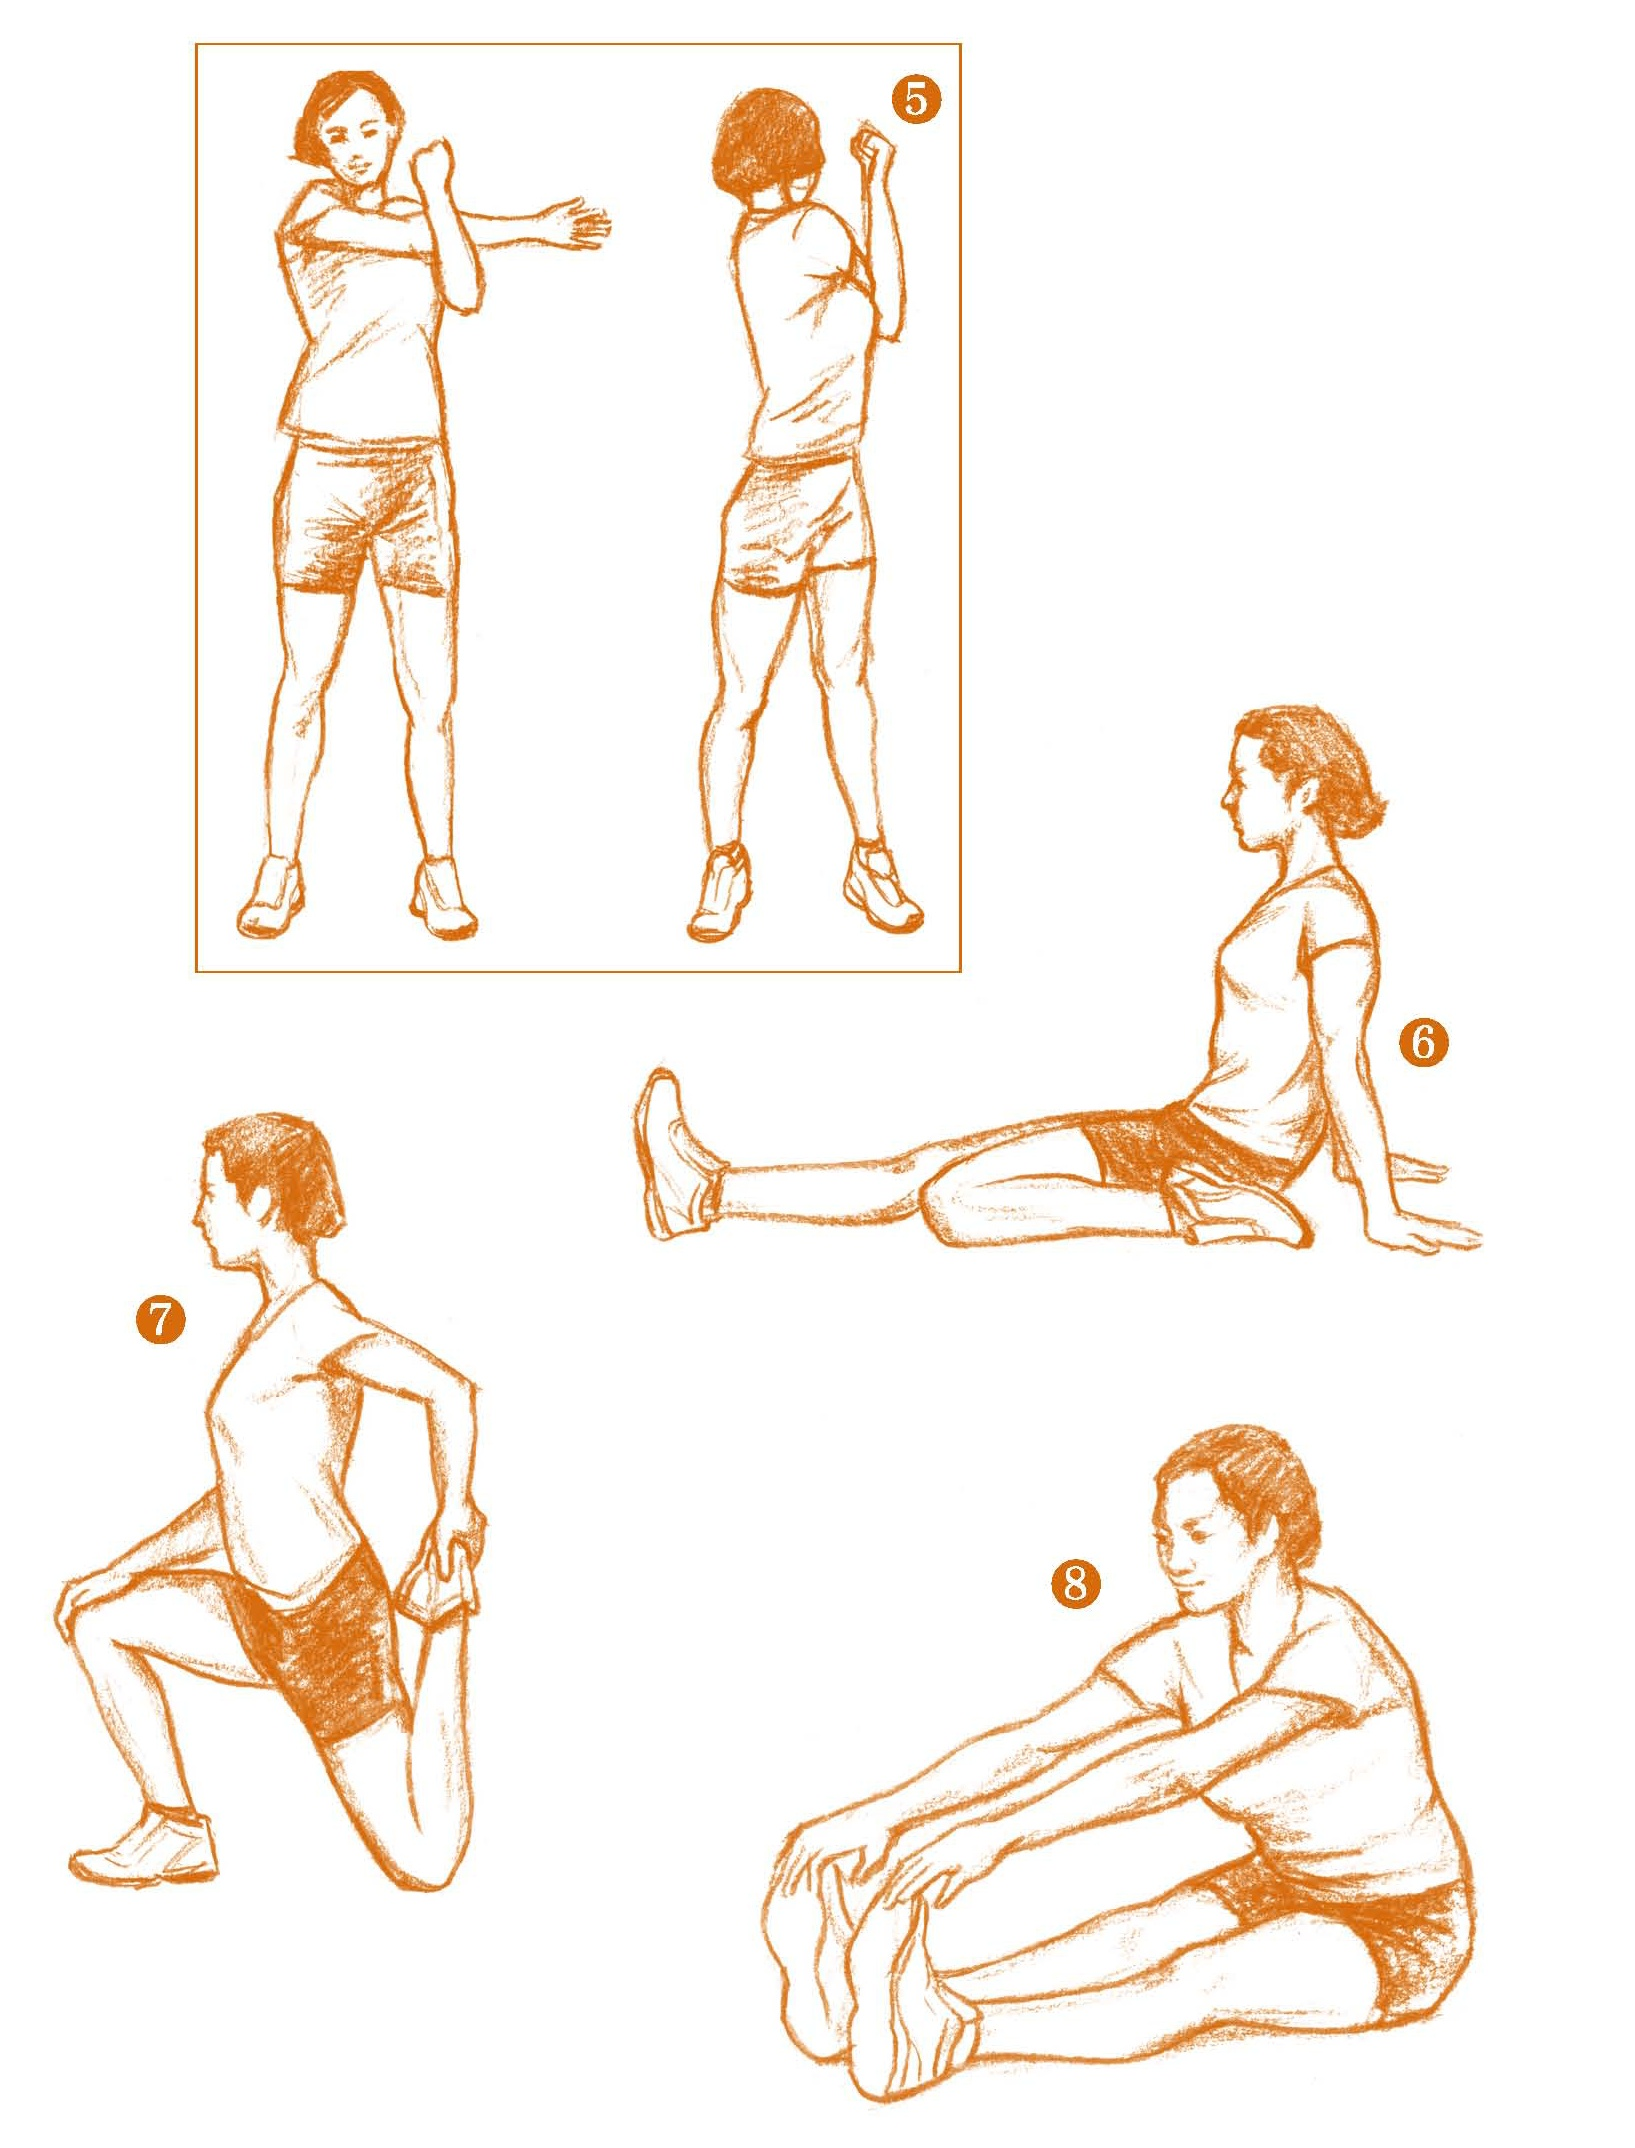 热身运动和拉伸运动都是怎么做的